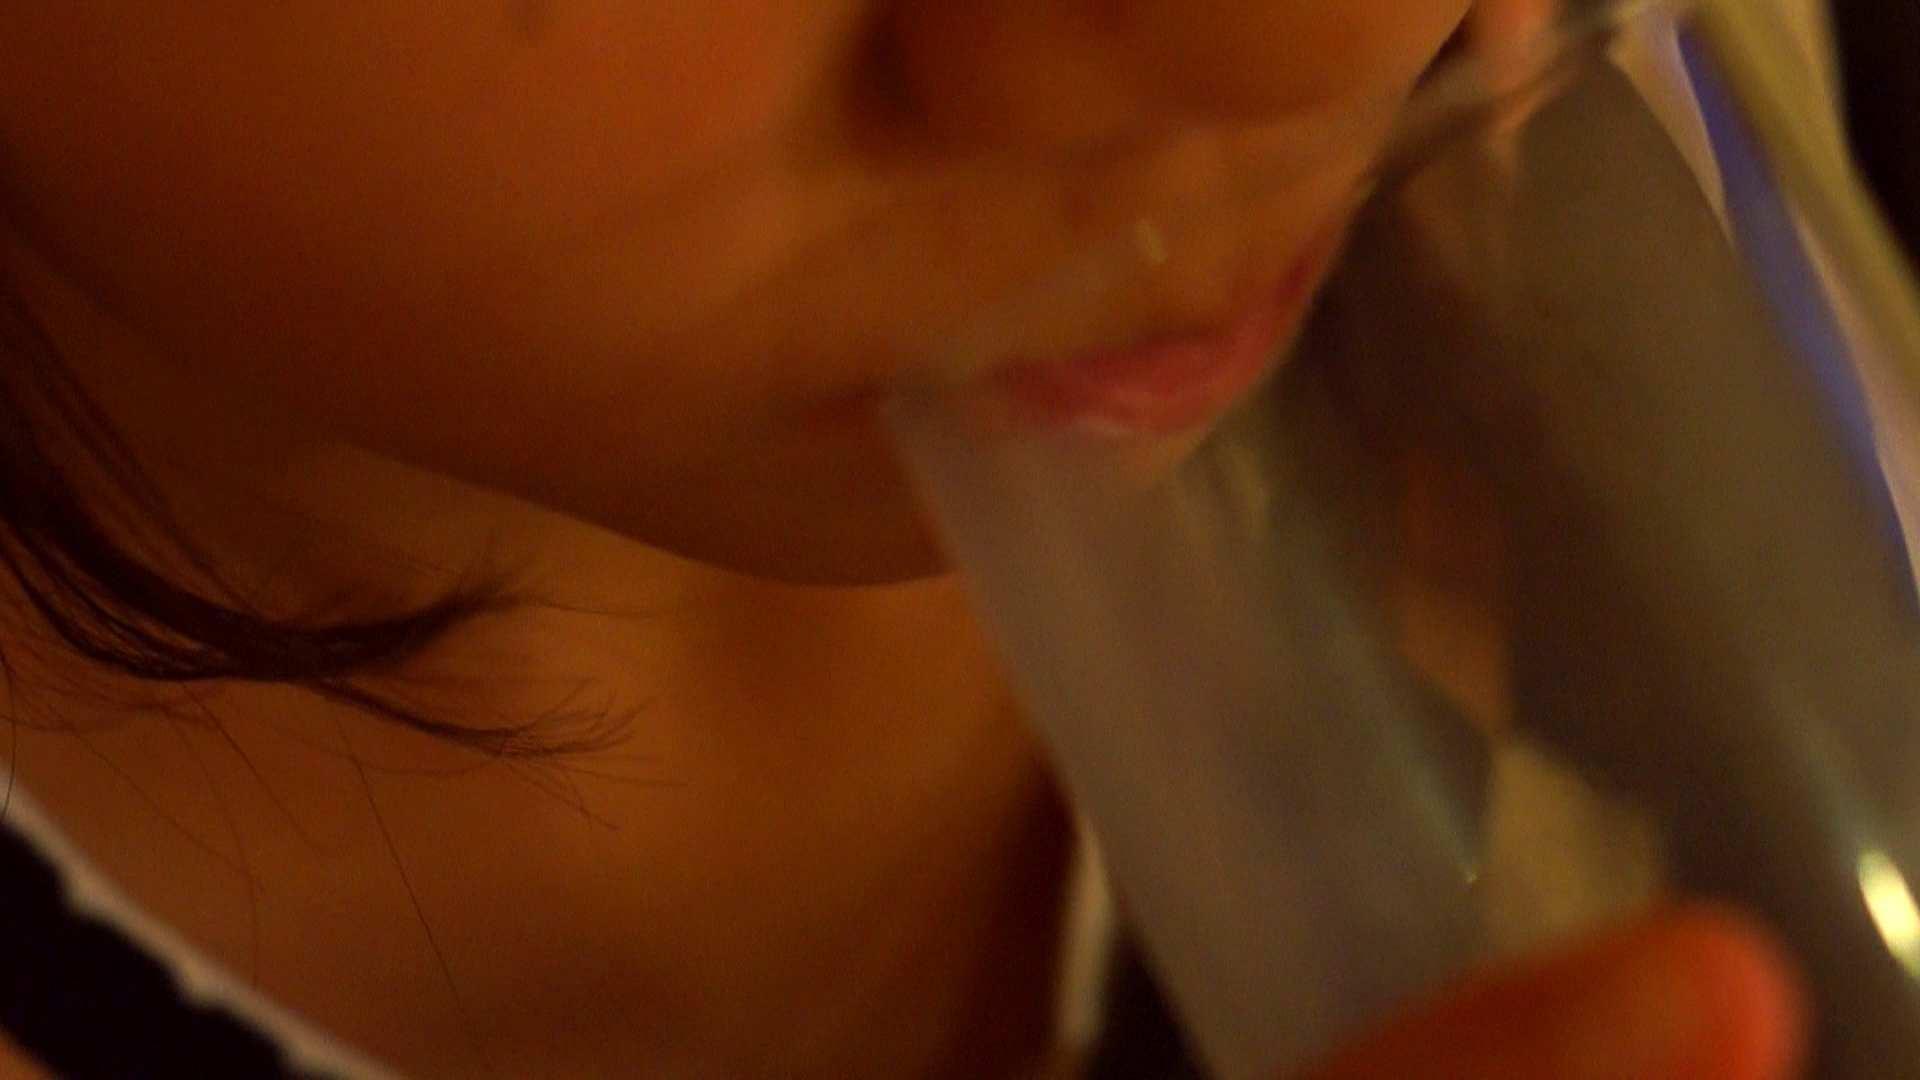 vol.12 瑞希ちゃんにコップを舐めてもらいました。 フェチ  88pic 80